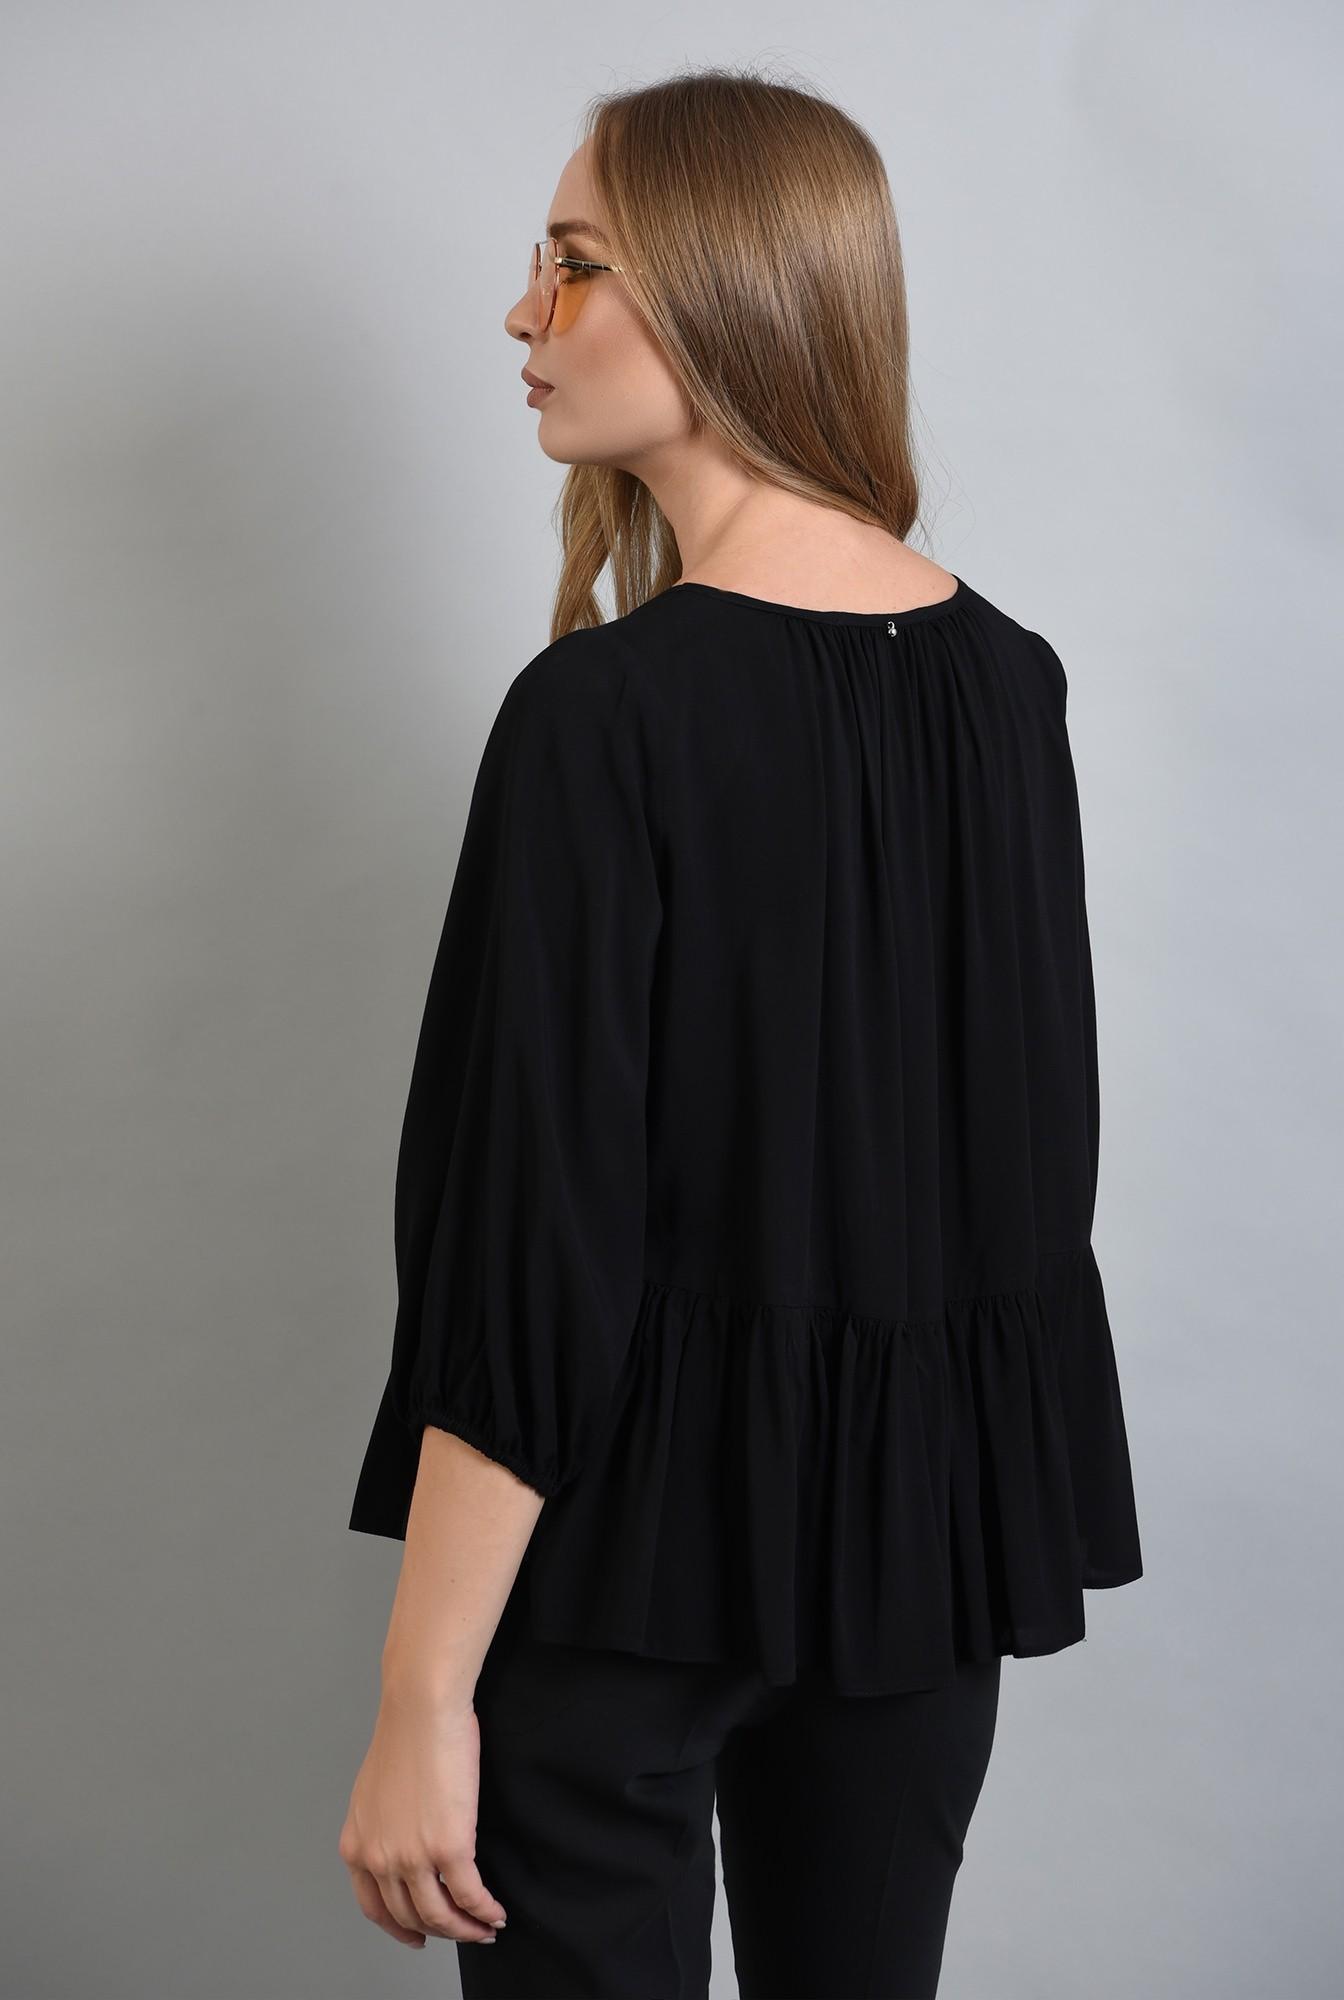 1 - 360 - bluza neagra cu peplum, maneca bufanta, Poema